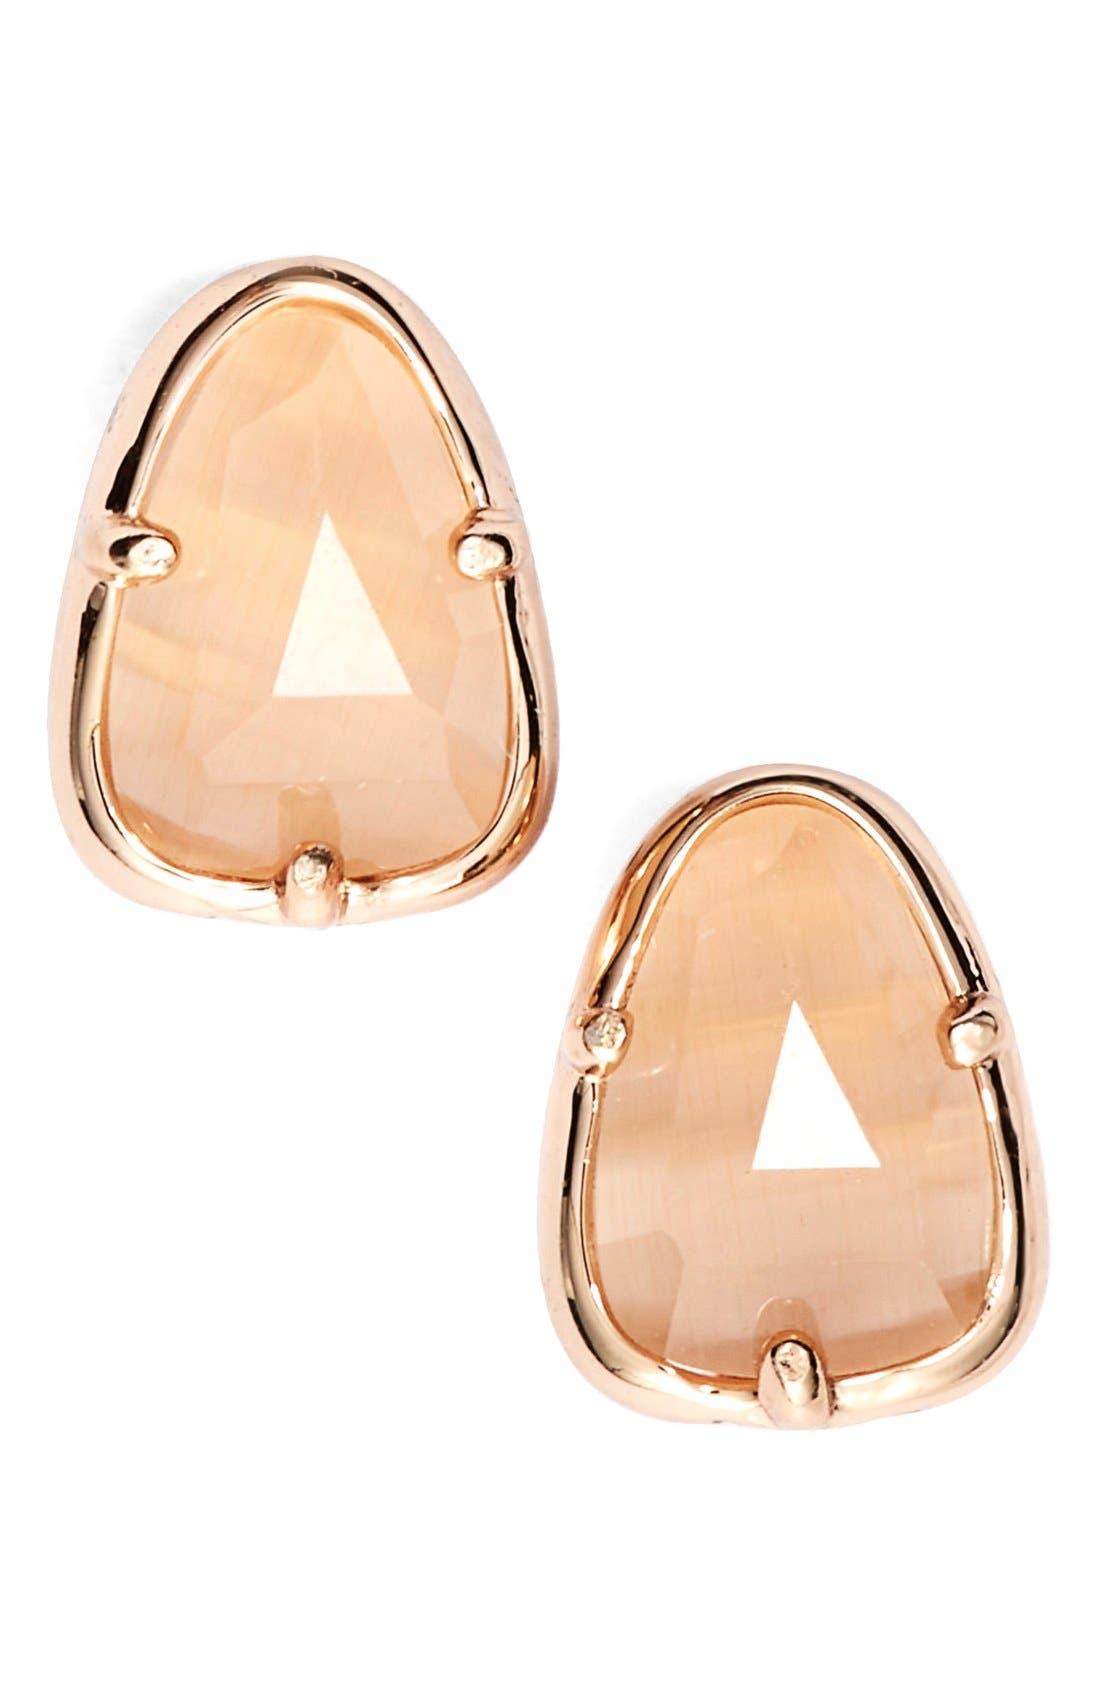 Main Image - Kendra Scott 'Hazel' Stud Earrings